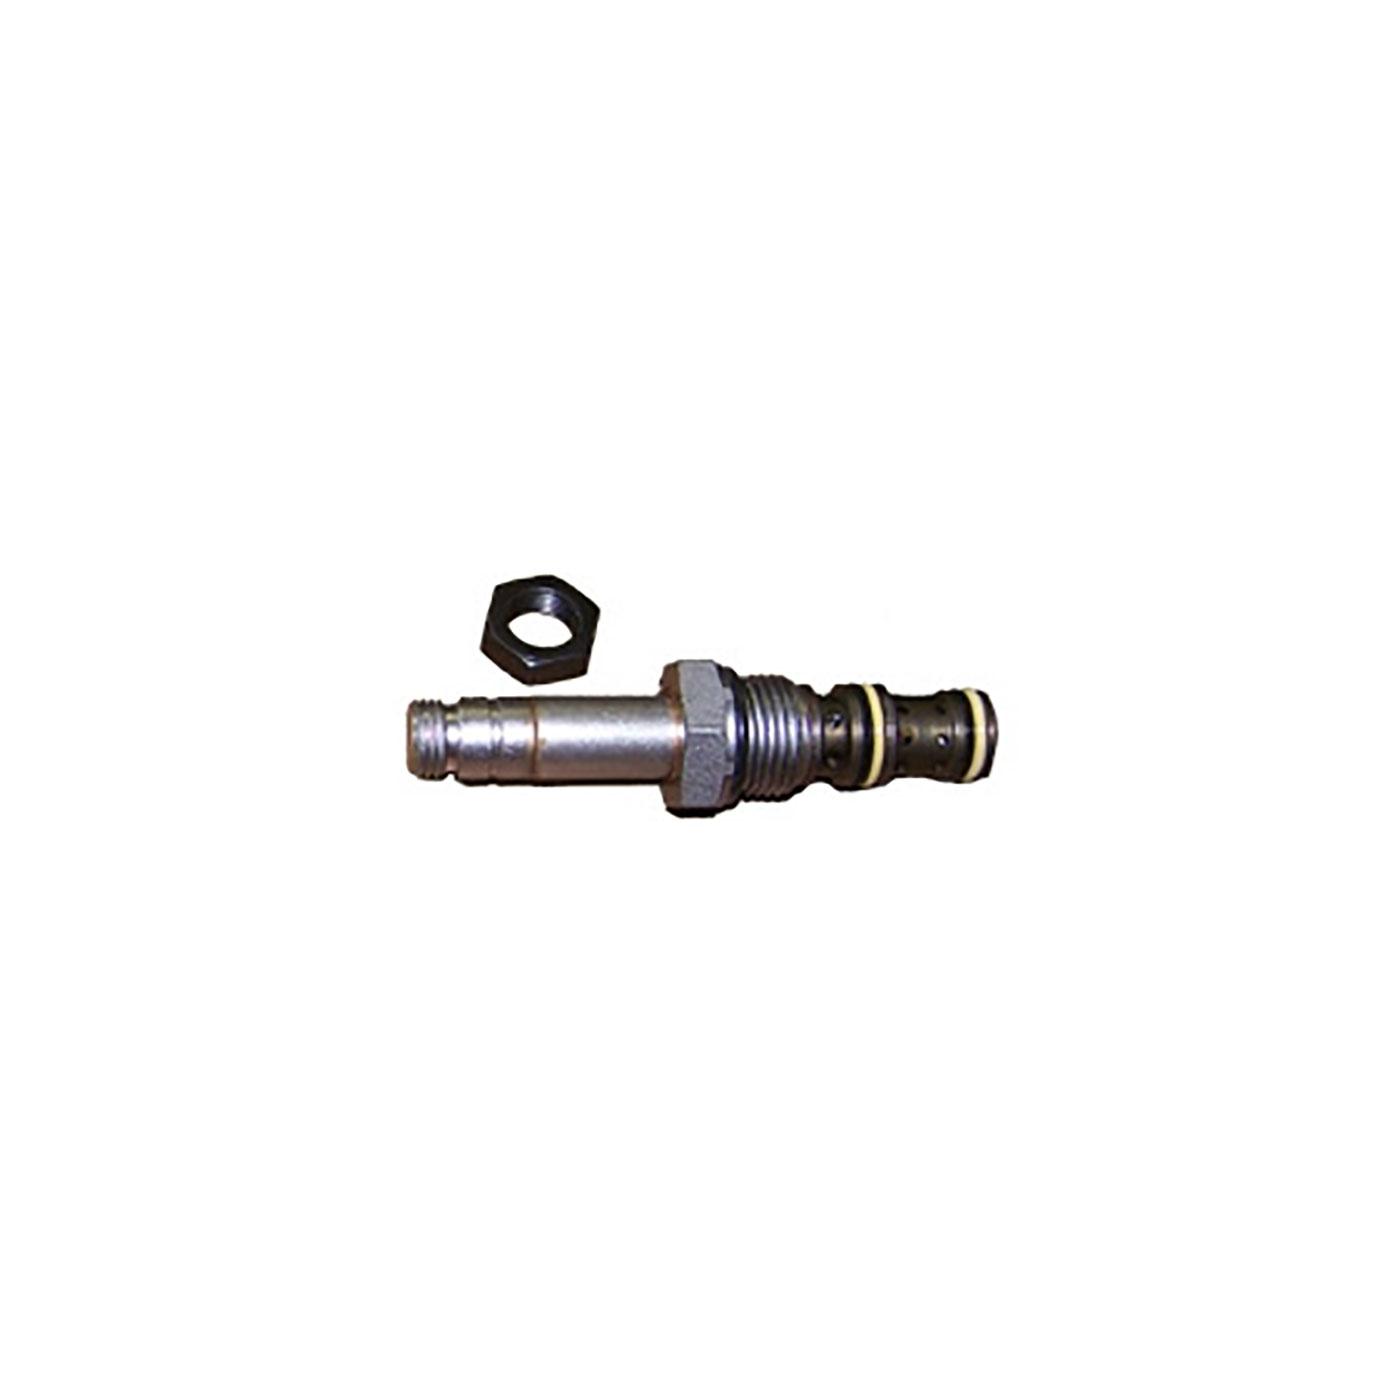 Cartridge 30 w/Nut (Fisher)